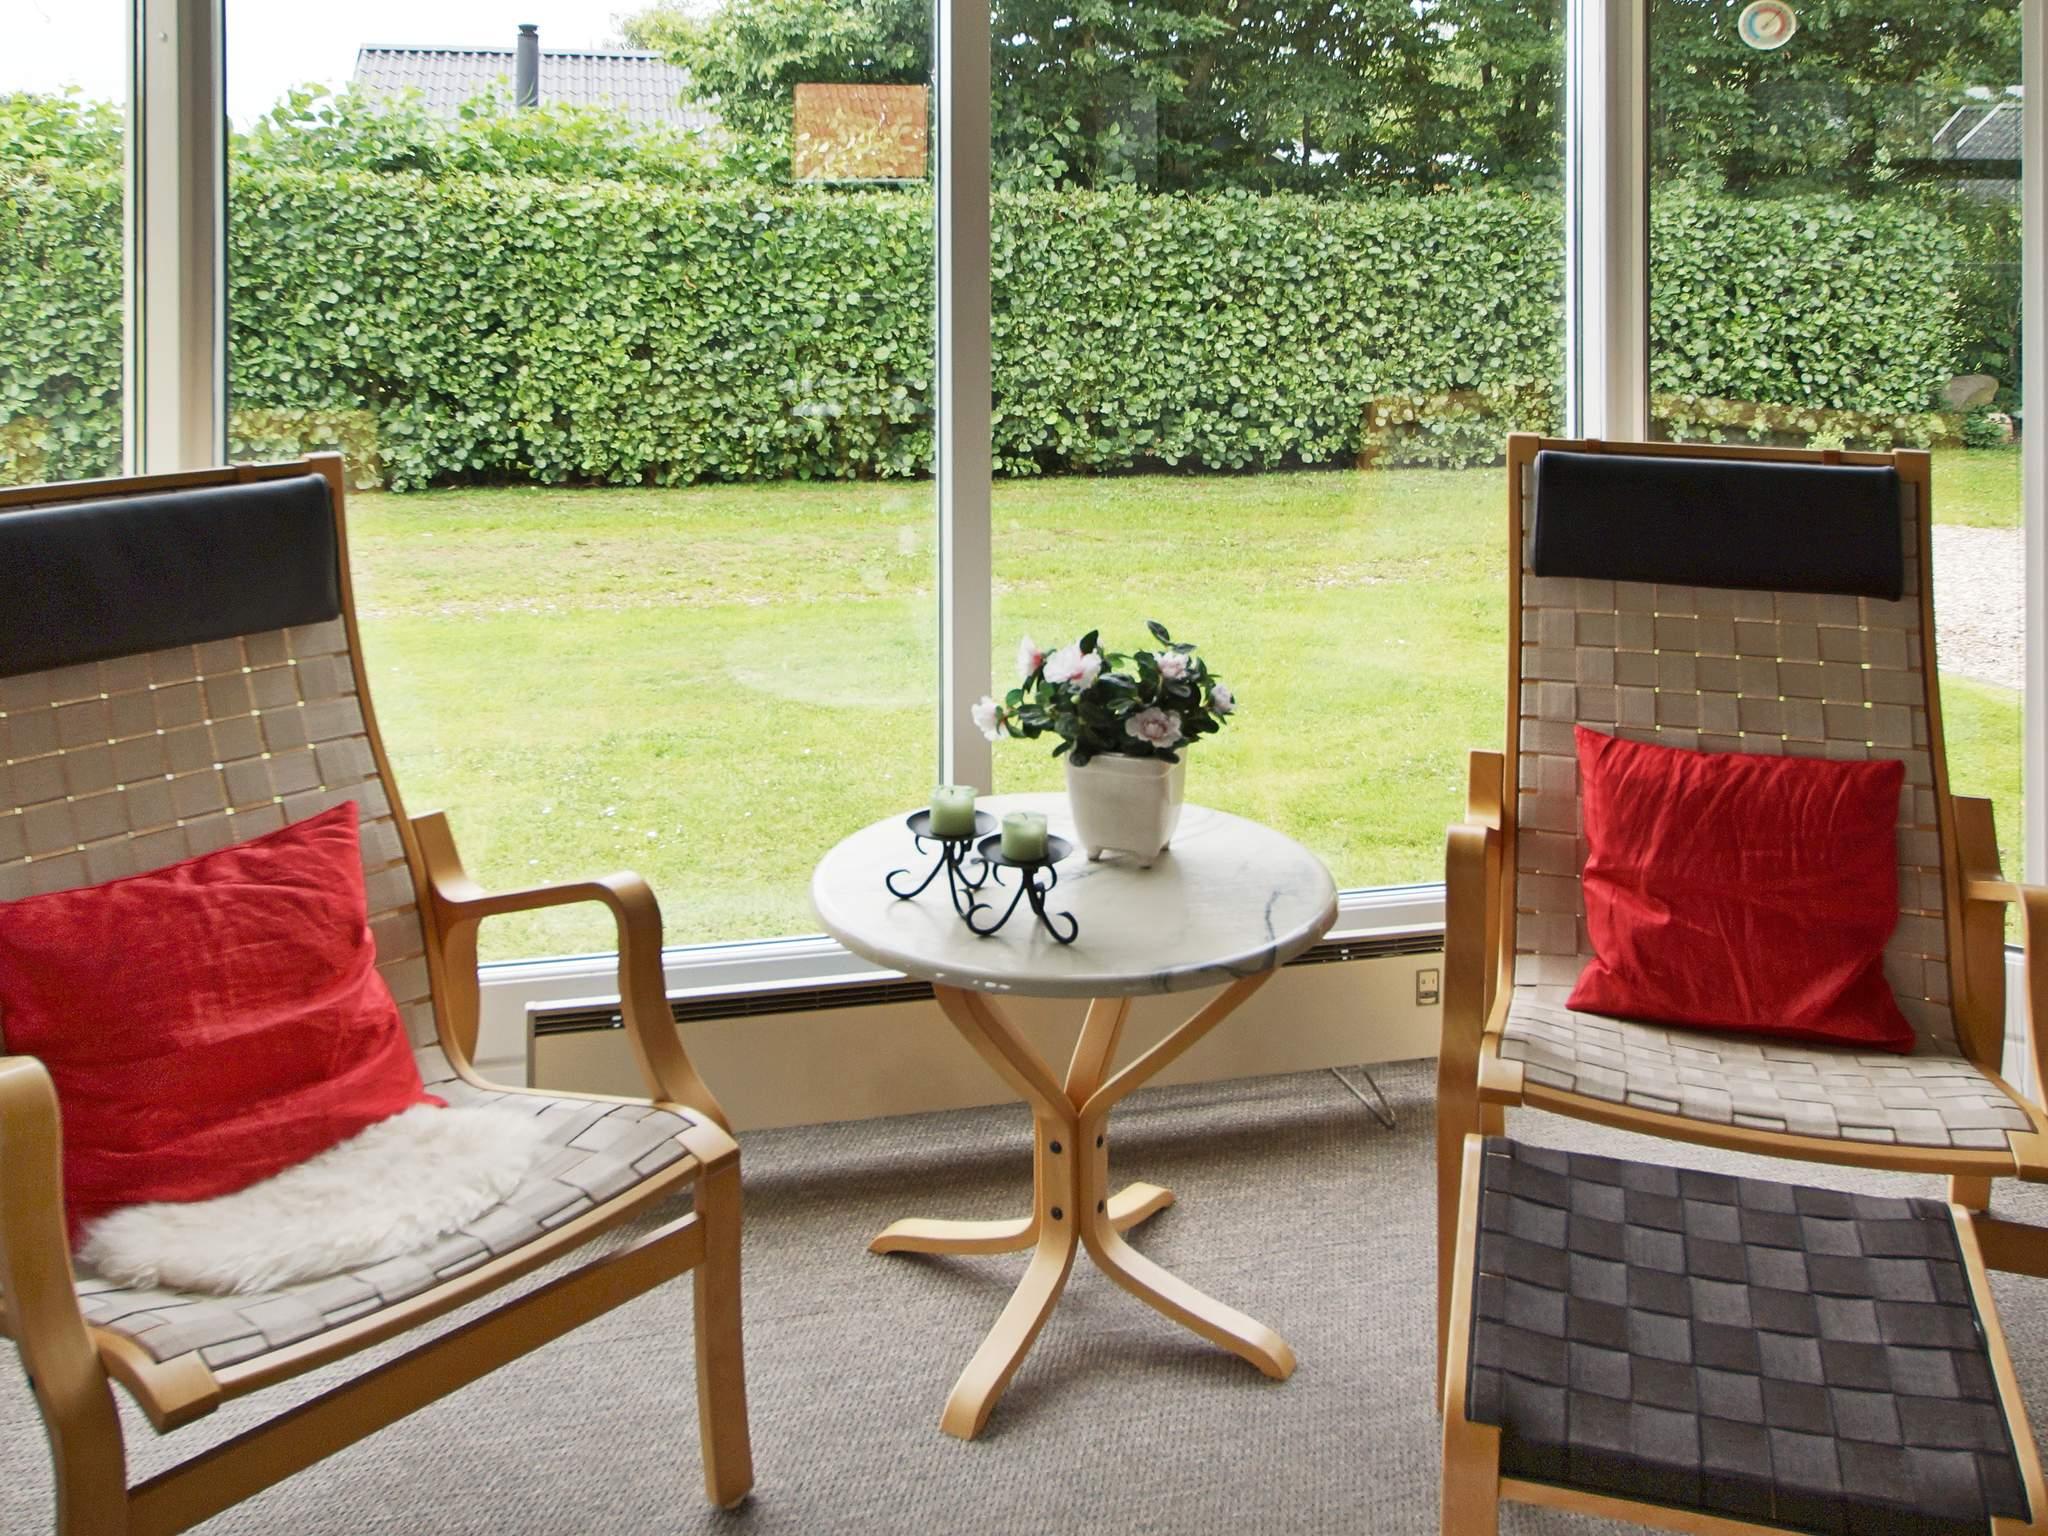 Ferienhaus Bork Havn (241763), Bork Havn, , Westjütland, Dänemark, Bild 2